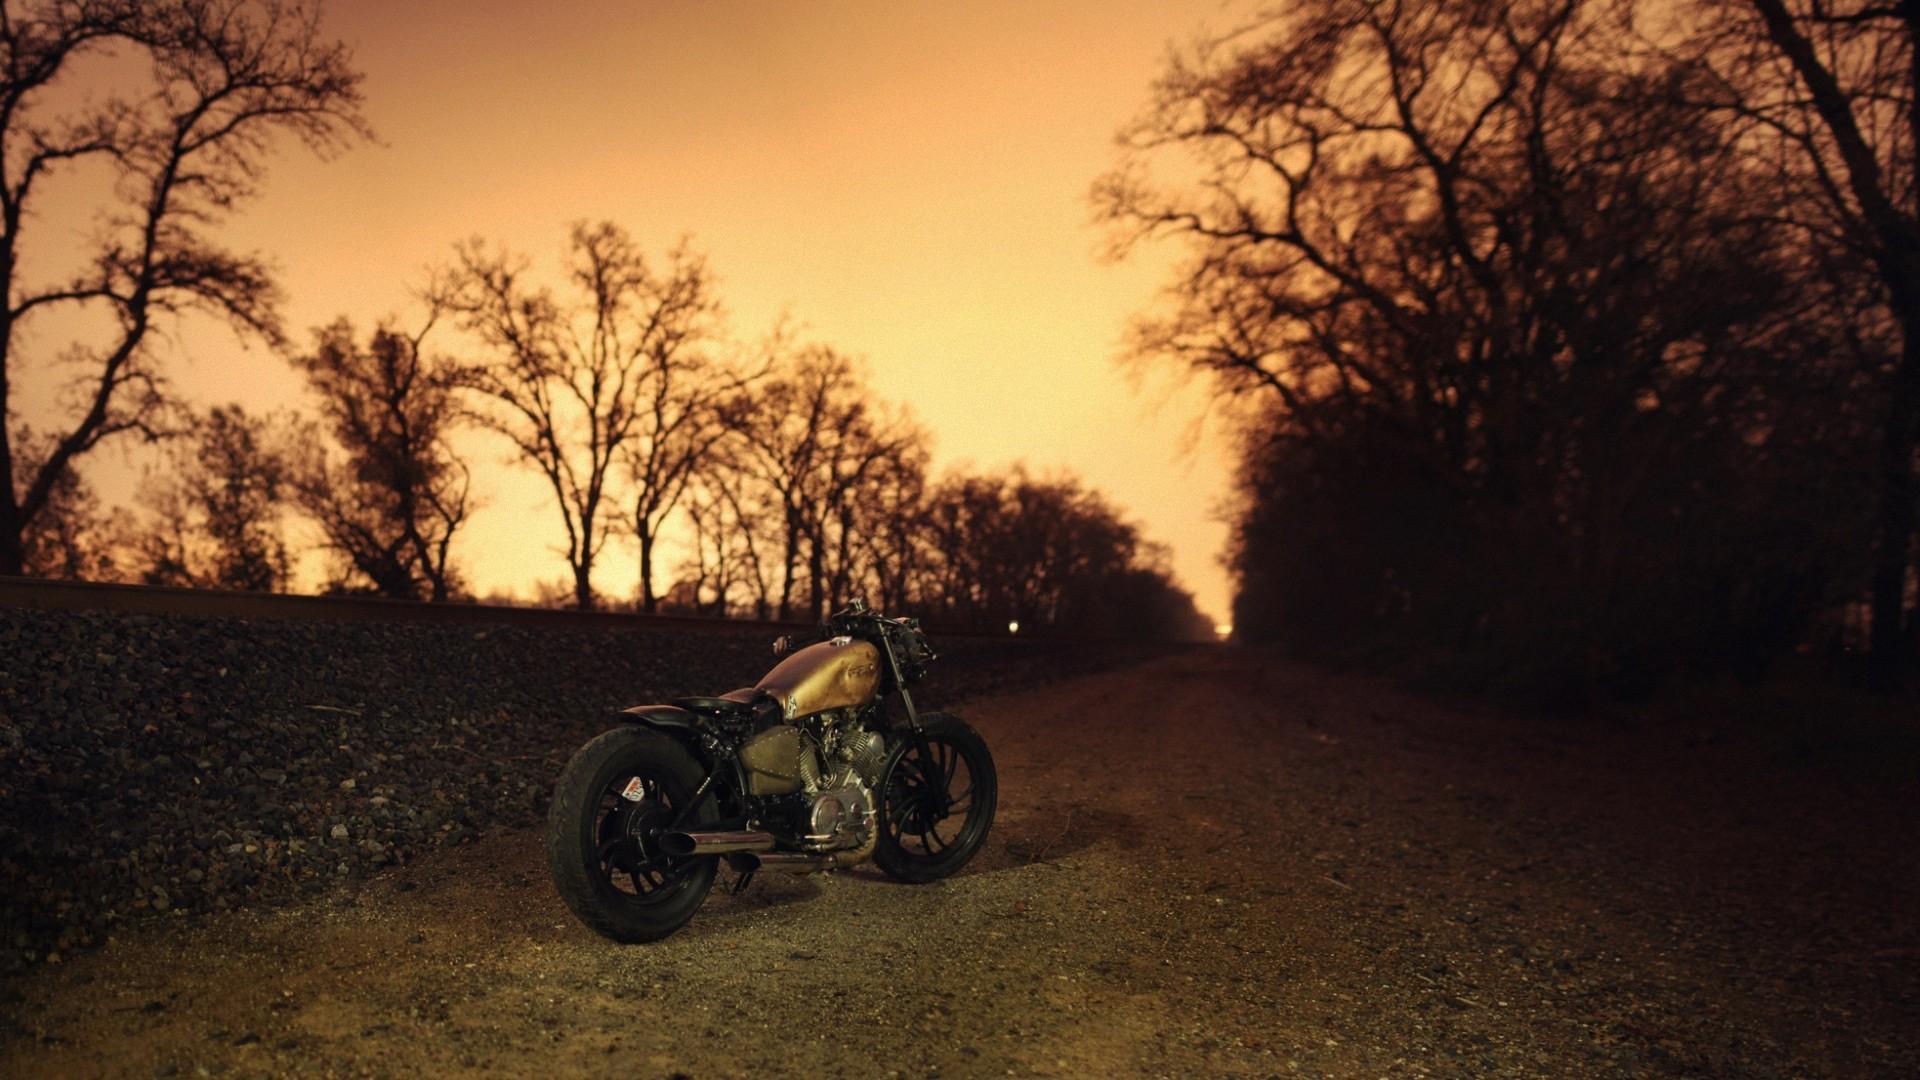 Res: 1920x1080,  Sonnenlicht Sonnenuntergang Nacht- Motorrad Sonnenaufgang Abend  Morgen Bobber Dämmerung Harley Davidson Licht